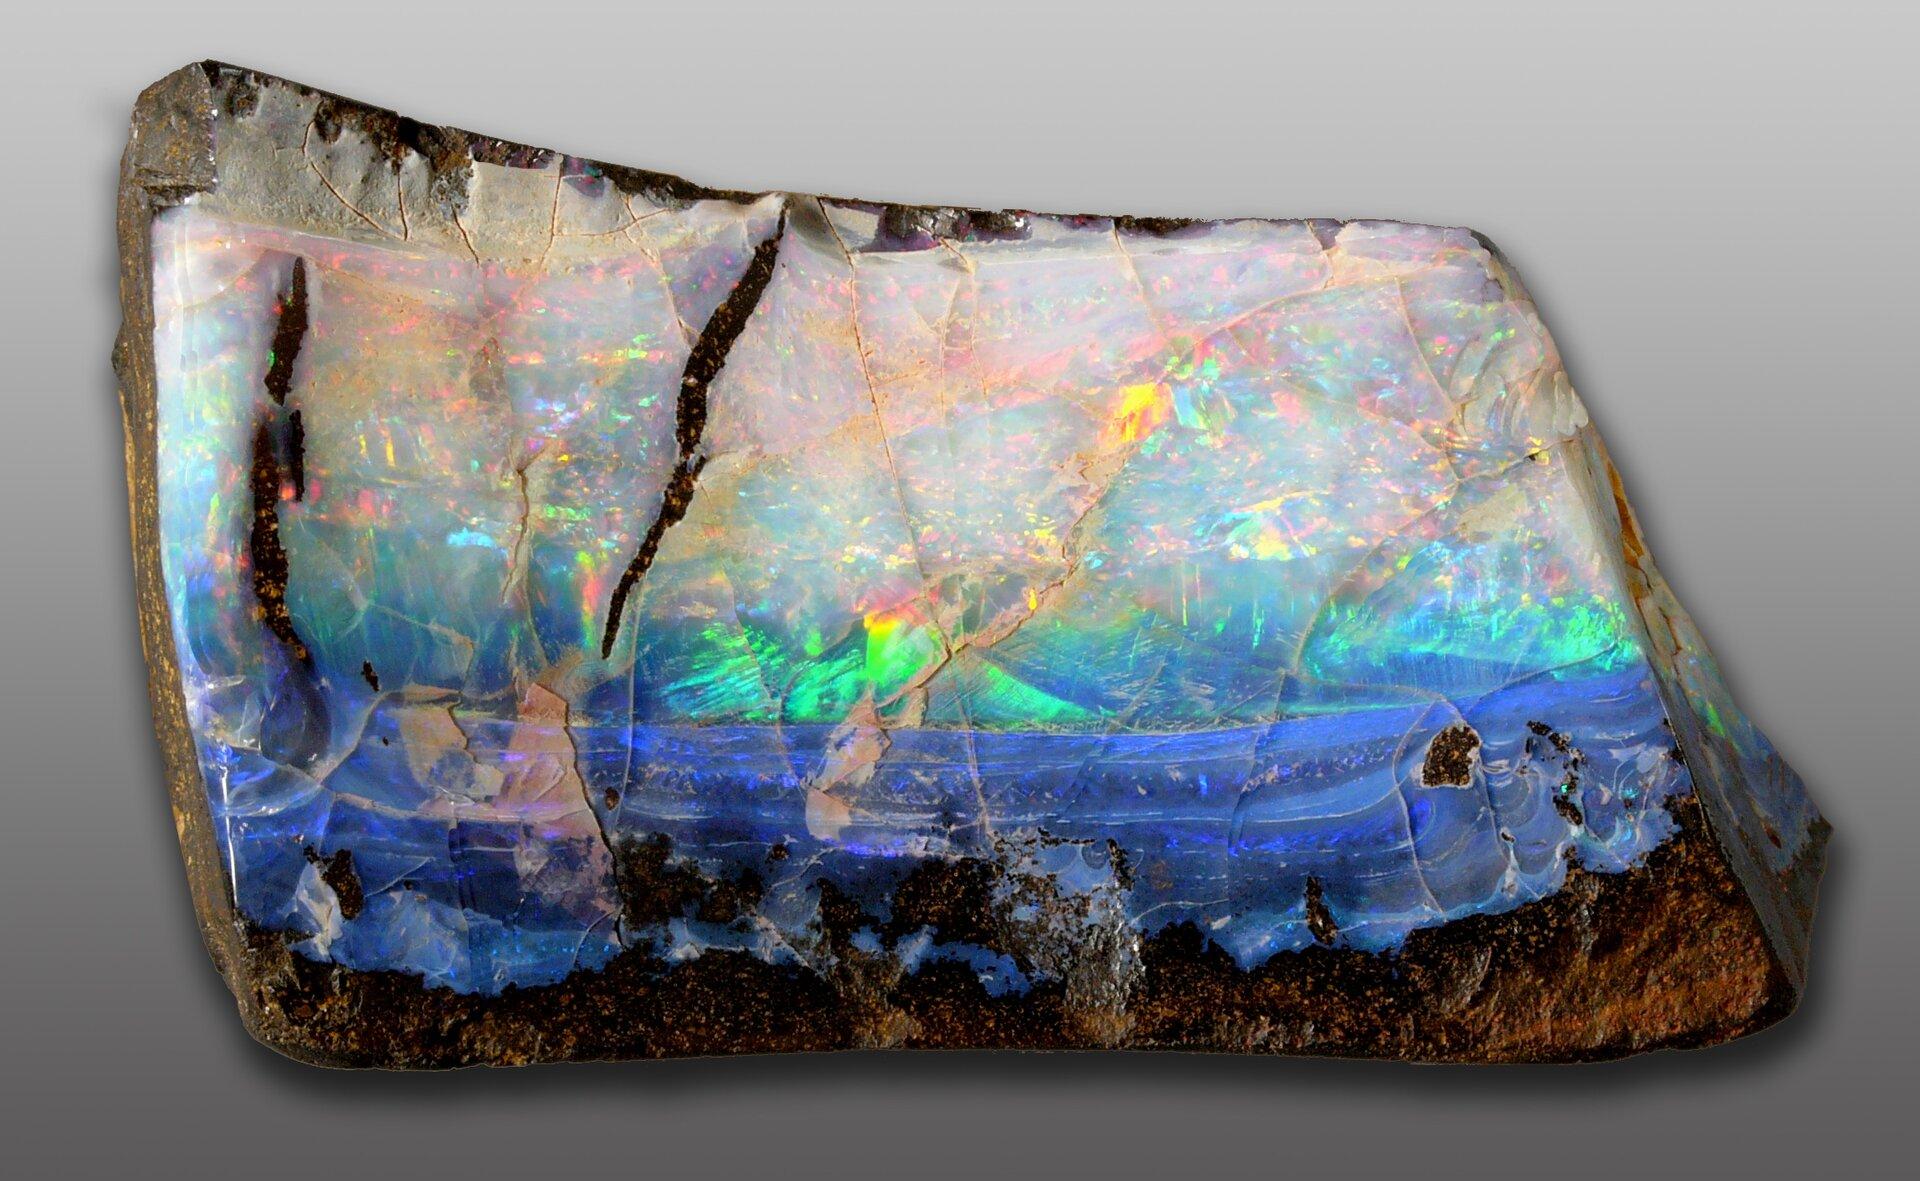 Zdjęcie przedstawia nieoszlifowany opal niebieski wodmianie szlachetnej, czyli opalizującej, co oznacza zmienność barw wzależności od kąta obserwacji.